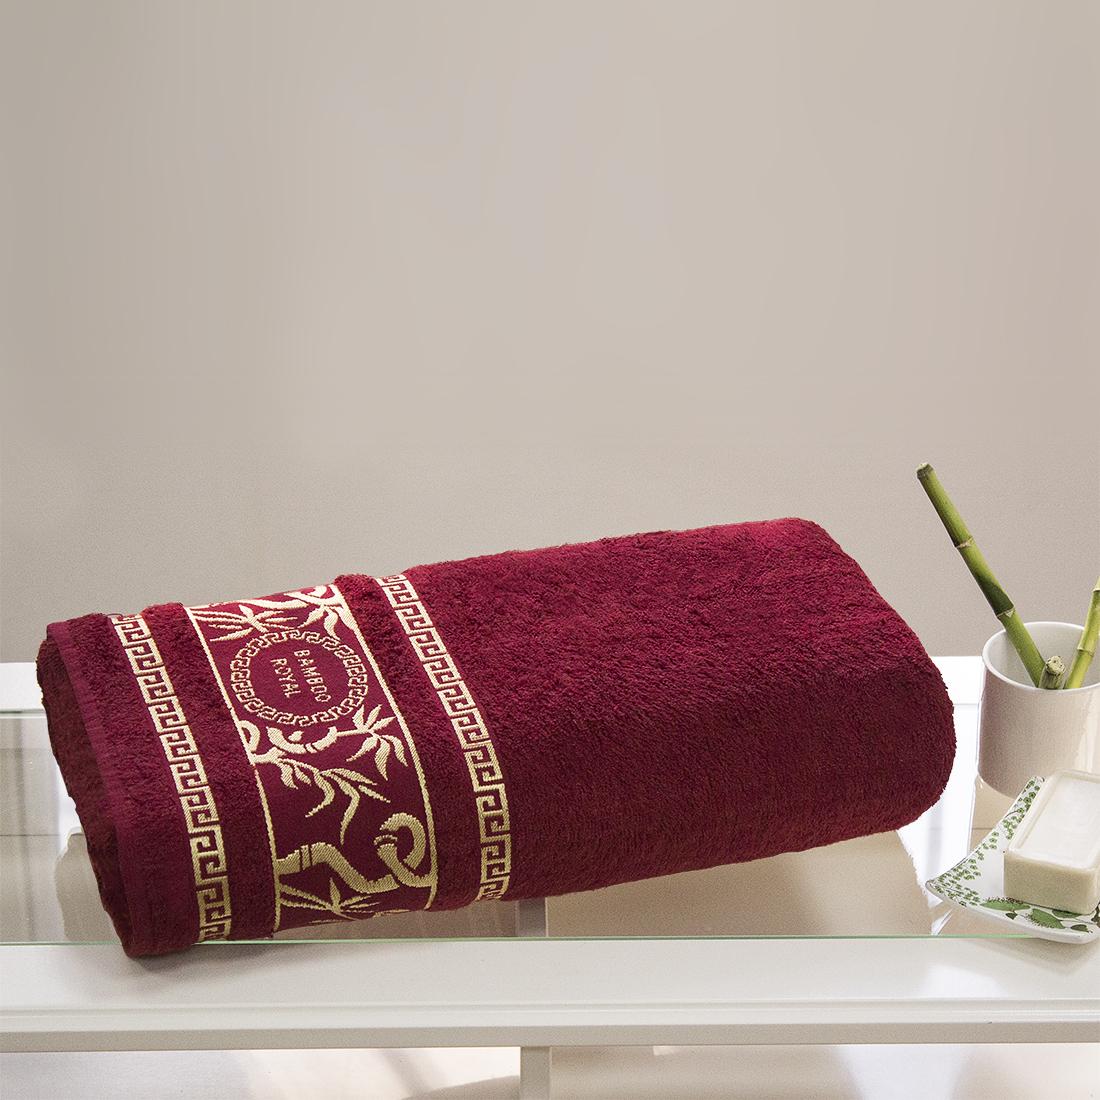 Полотенца Juanna Полотенце Роял Цвет: Красный (70х140см) полотенце мах familon evidence велюровое 70х140см серое